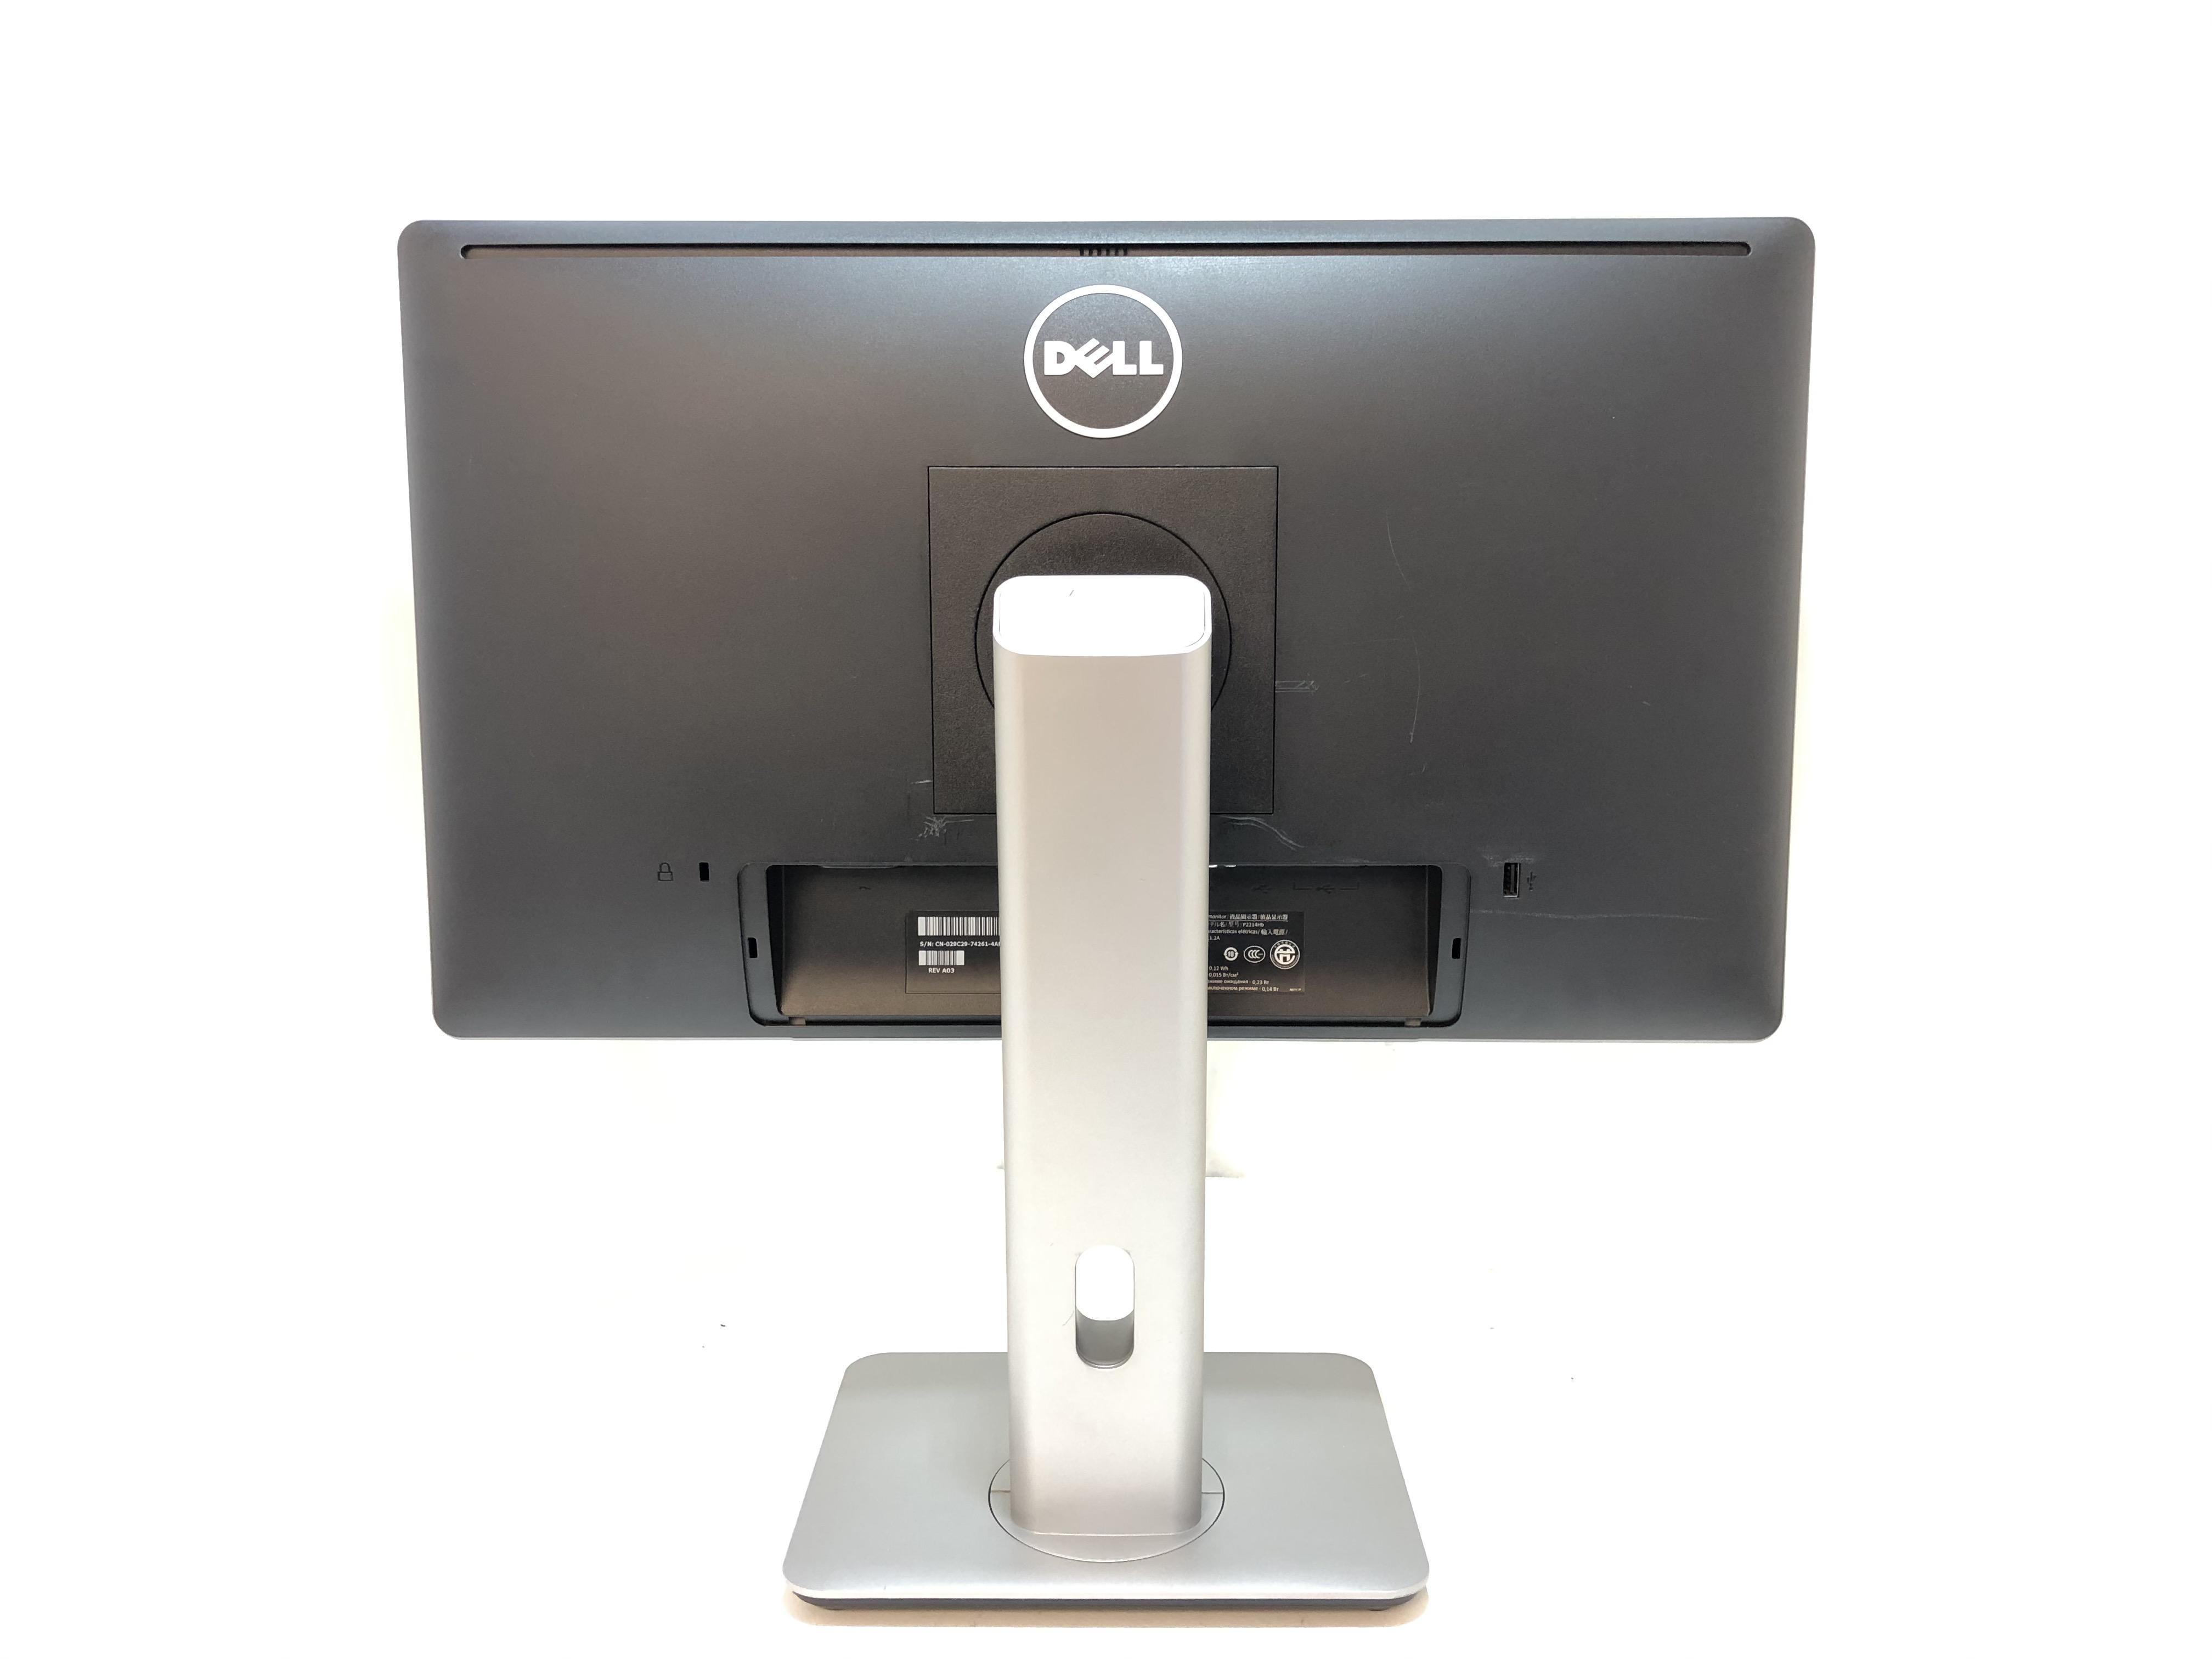 Dell P2214Hb No 3